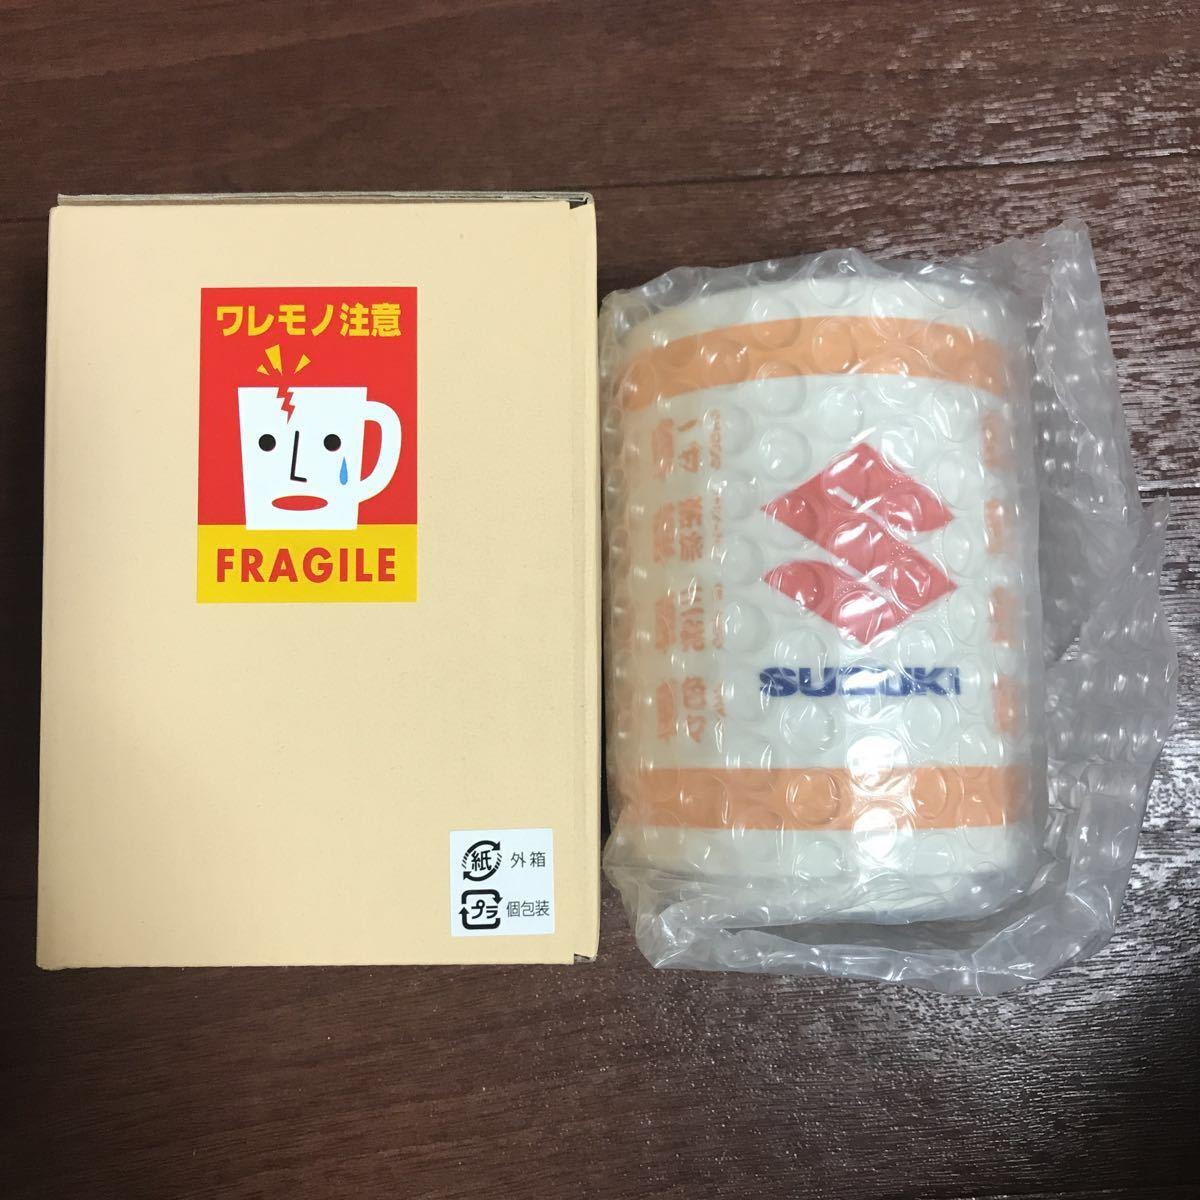 新品★SUZUKI スズキ 湯呑 モーターサイクルショー限定品 オレンジ 聖杯 ばくおん